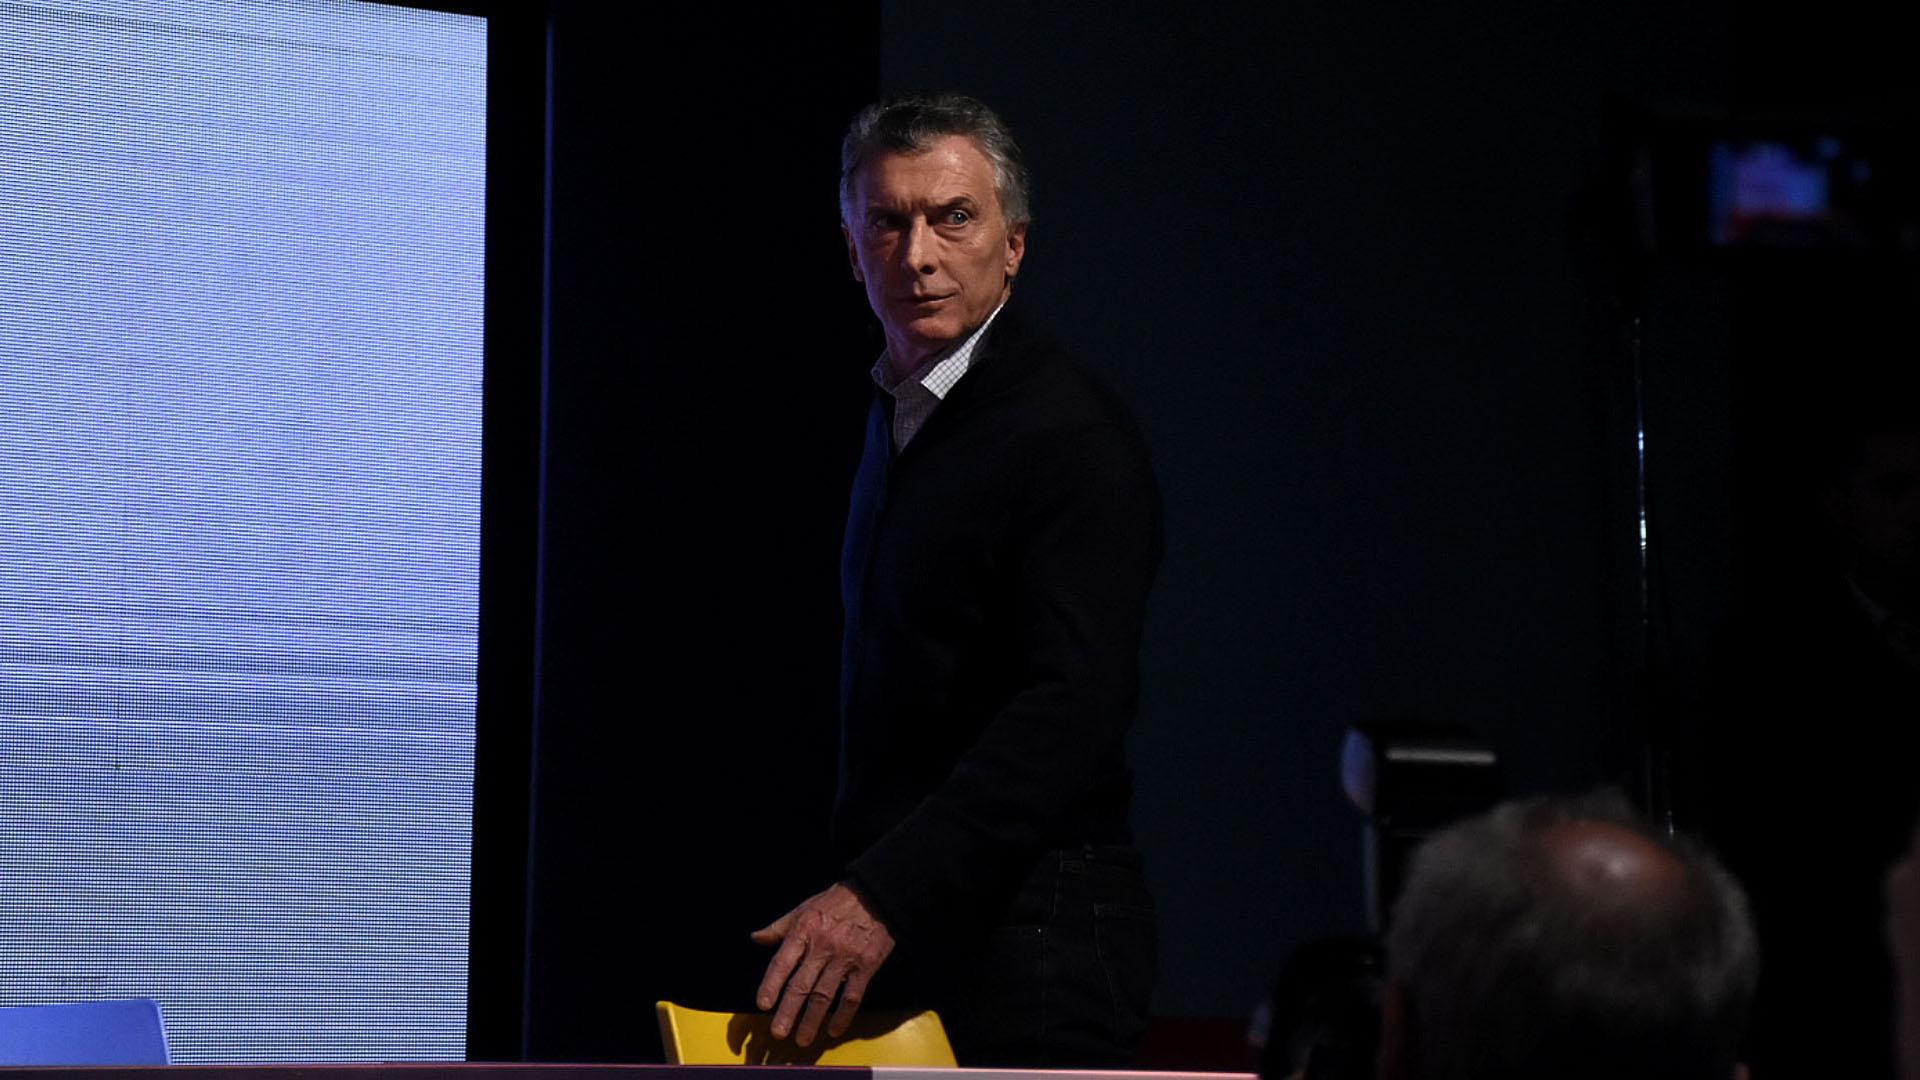 Durante toda la noche del domingo, el presidente Mauricio Macri evidenció su consternación por los resultados de los comicios (Nicolas Stulberg)